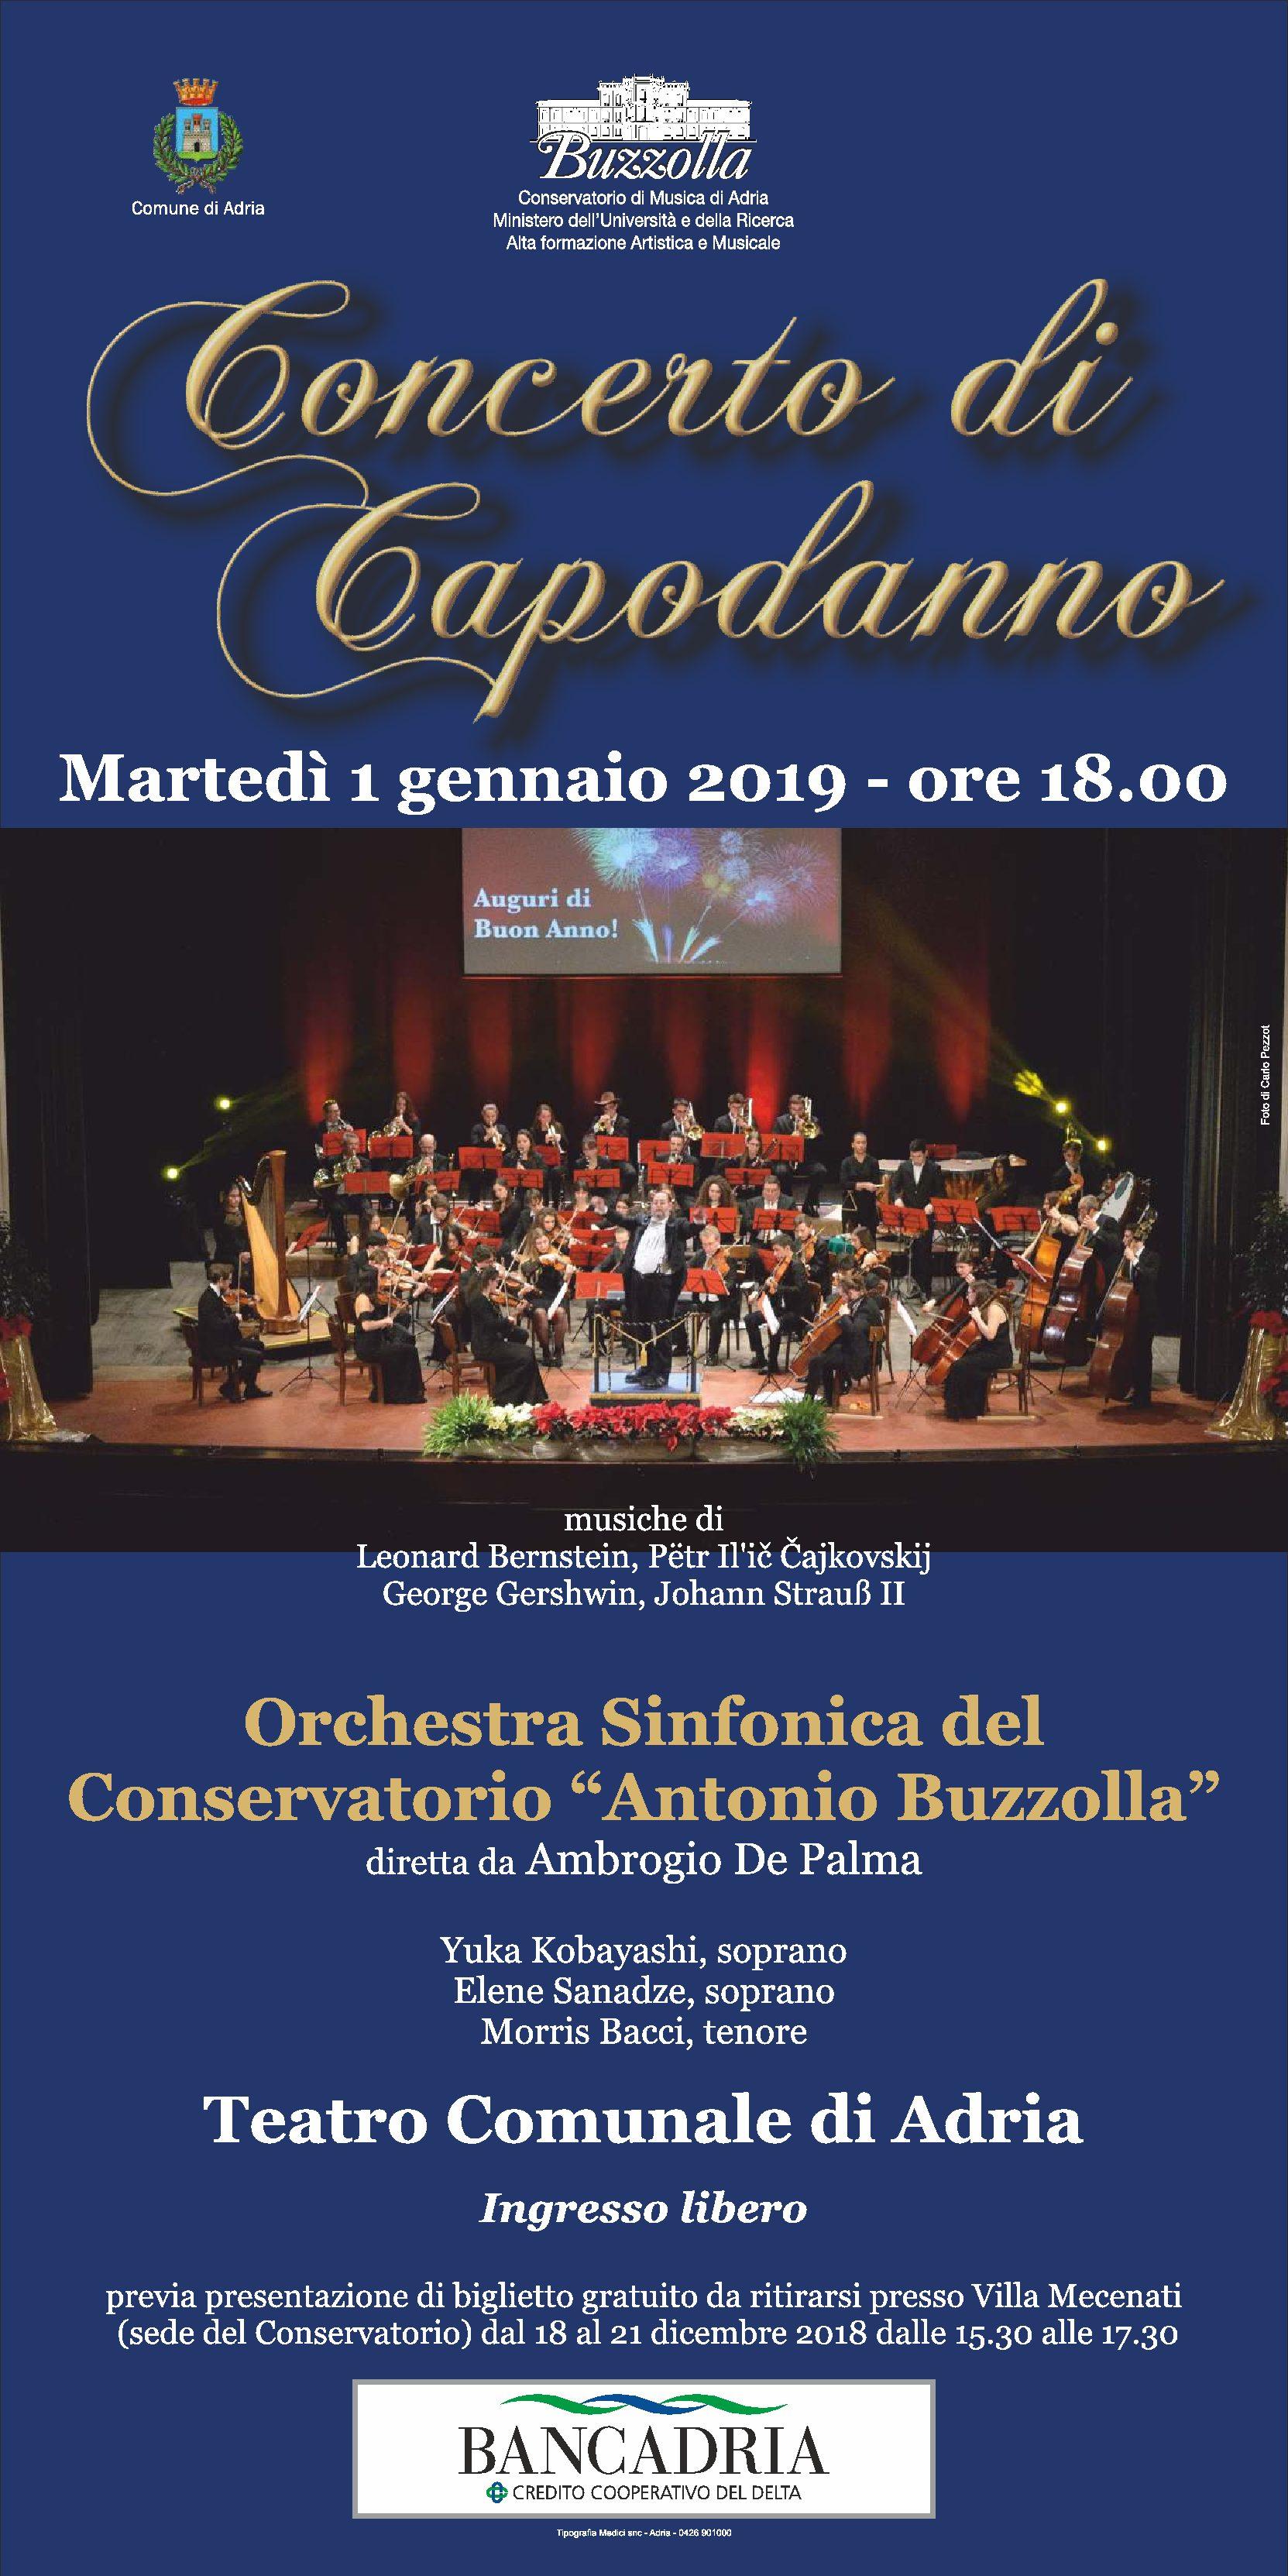 1 gennaio 2019, ore 18.00 – Concerto di Capodanno, Teatro Comunale di Adria